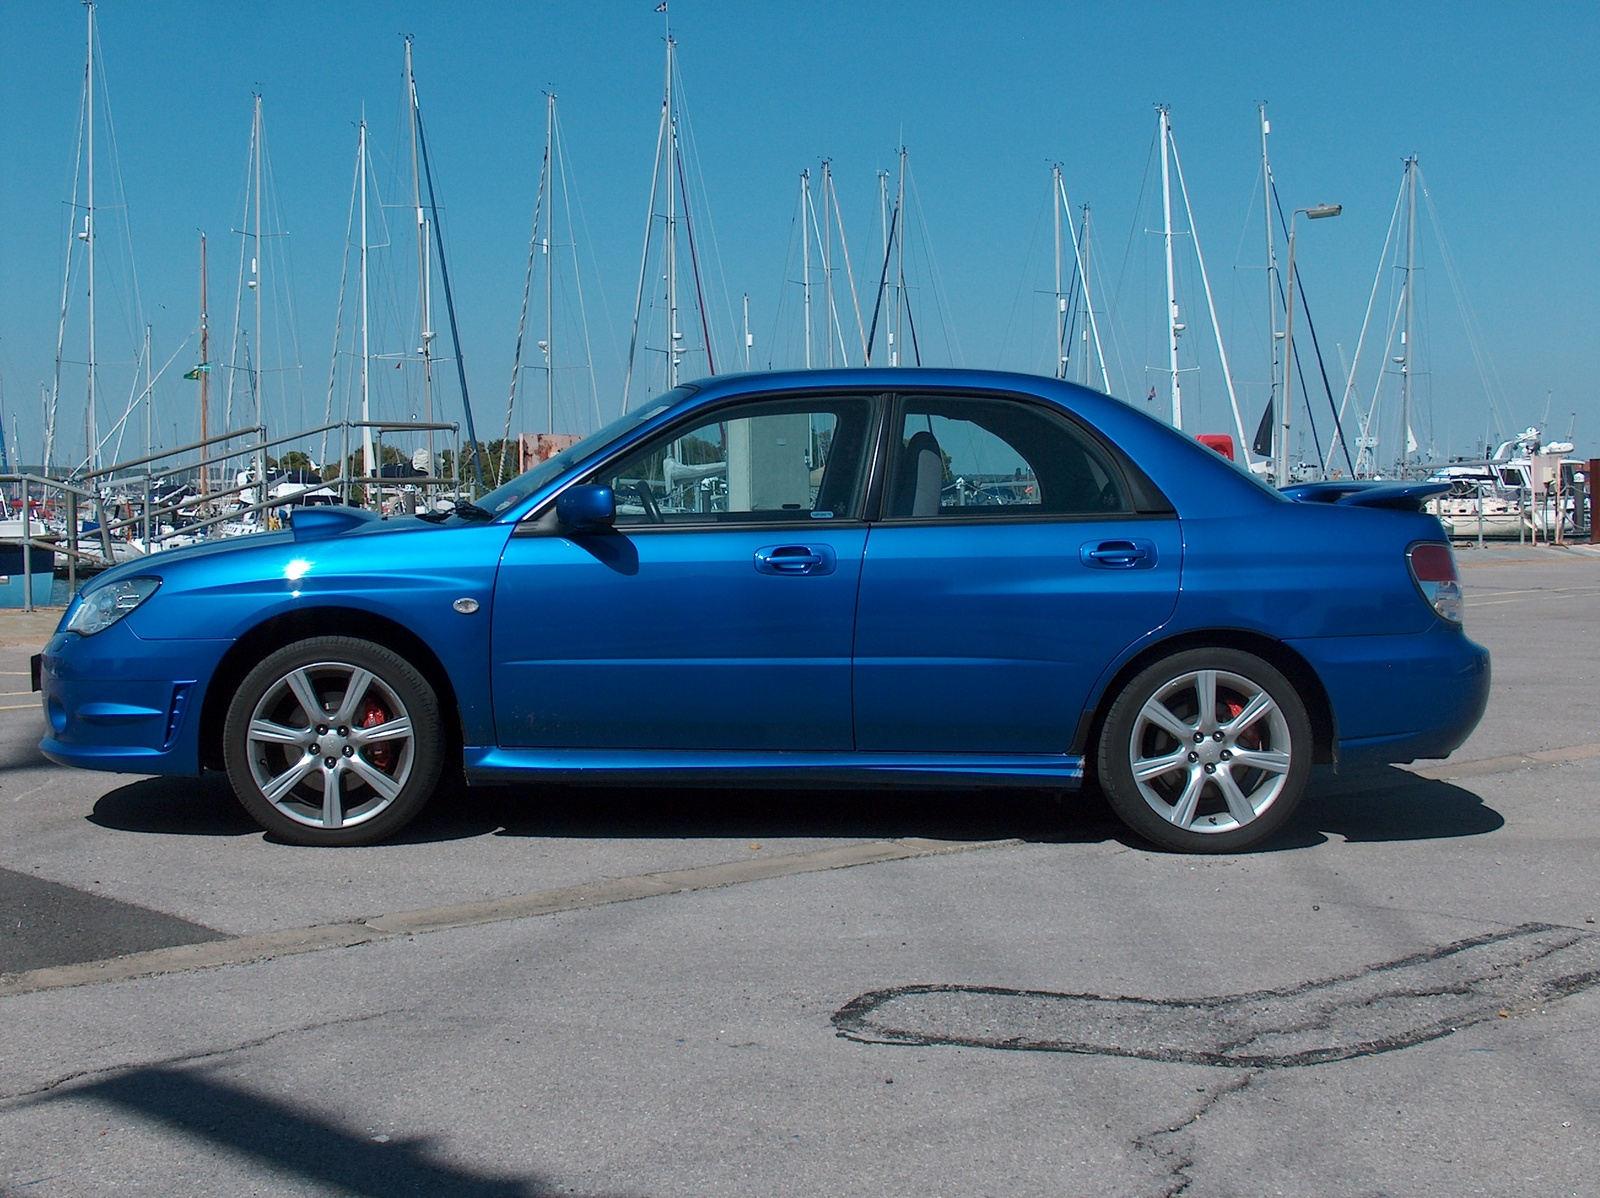 2007 Subaru Impreza Exterior Pictures Cargurus